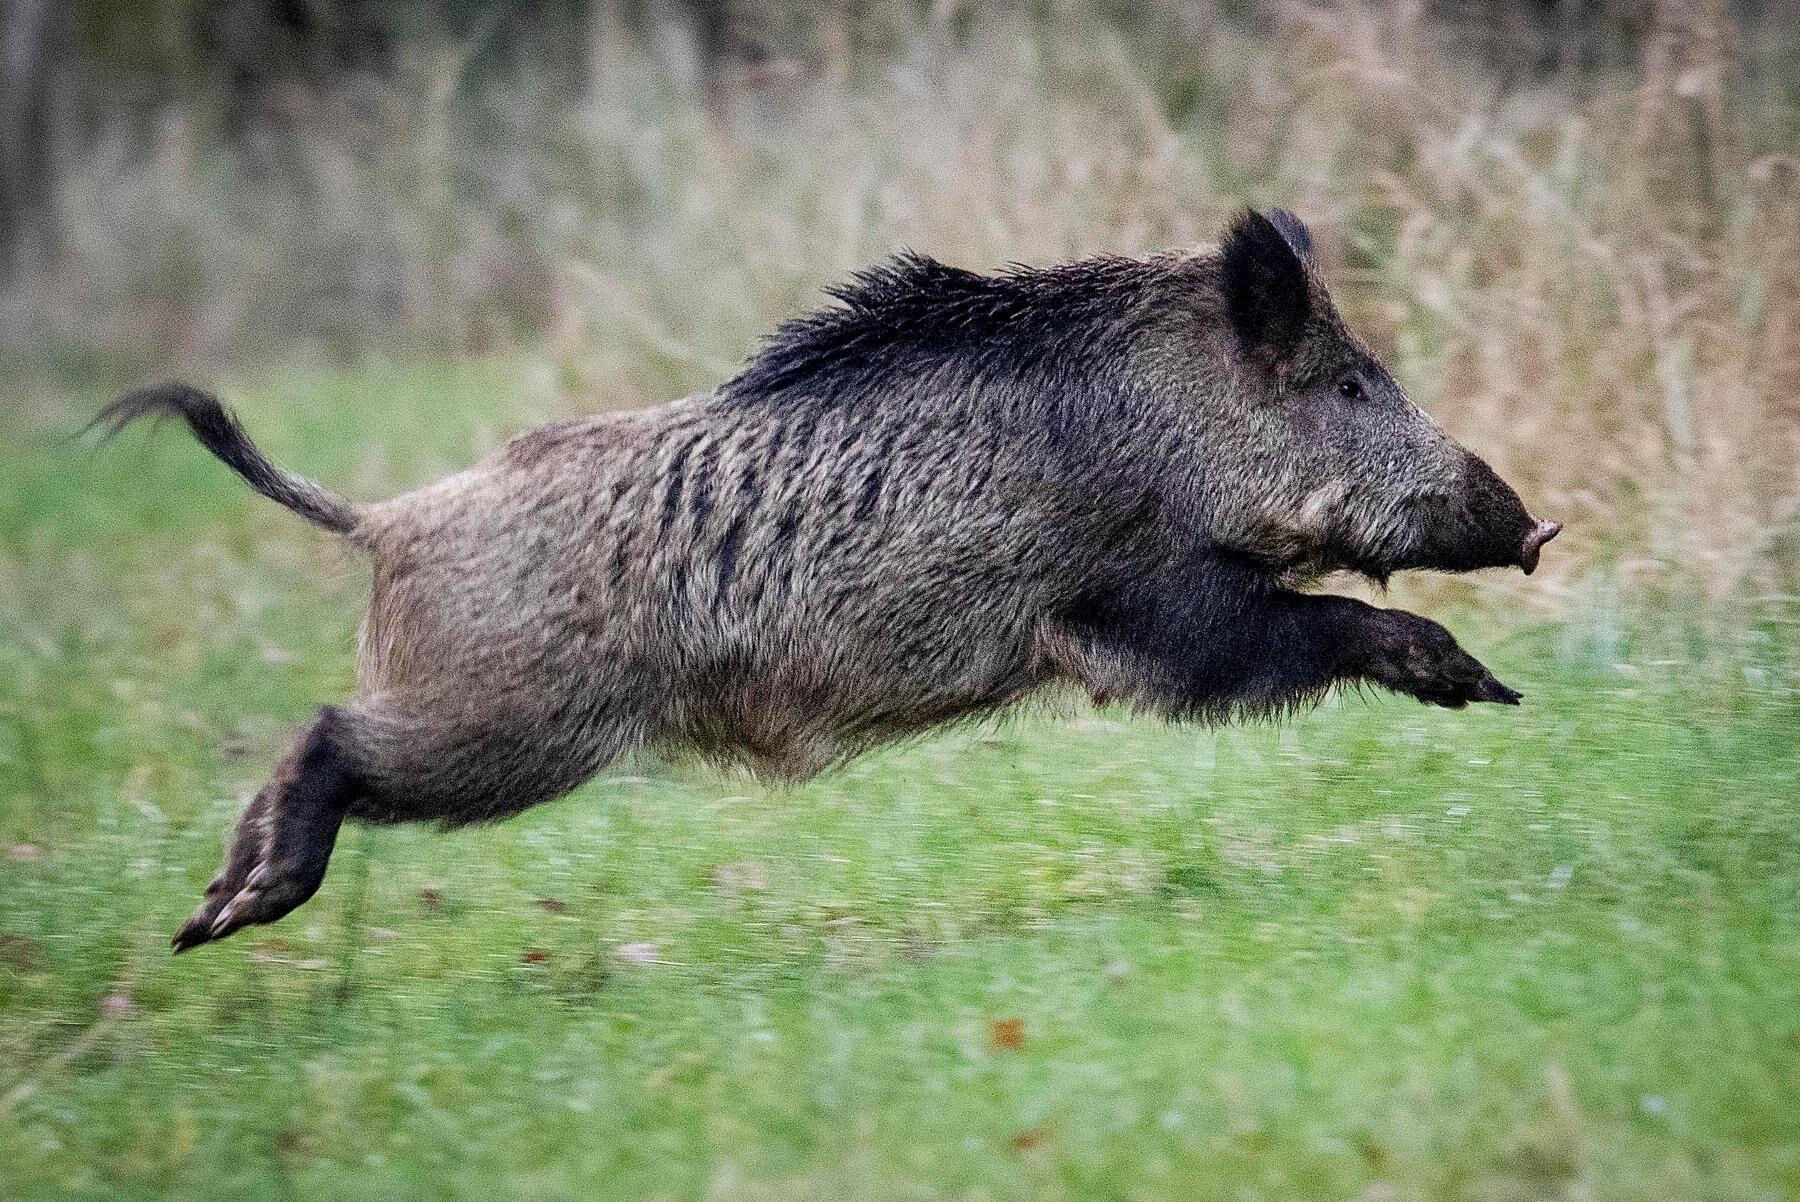 Jägaren trodde att han sköt mot vildsvin, men i stället sköt han ihjäl två kor i en hage, varav den ena var dräktig. Arkivbild.